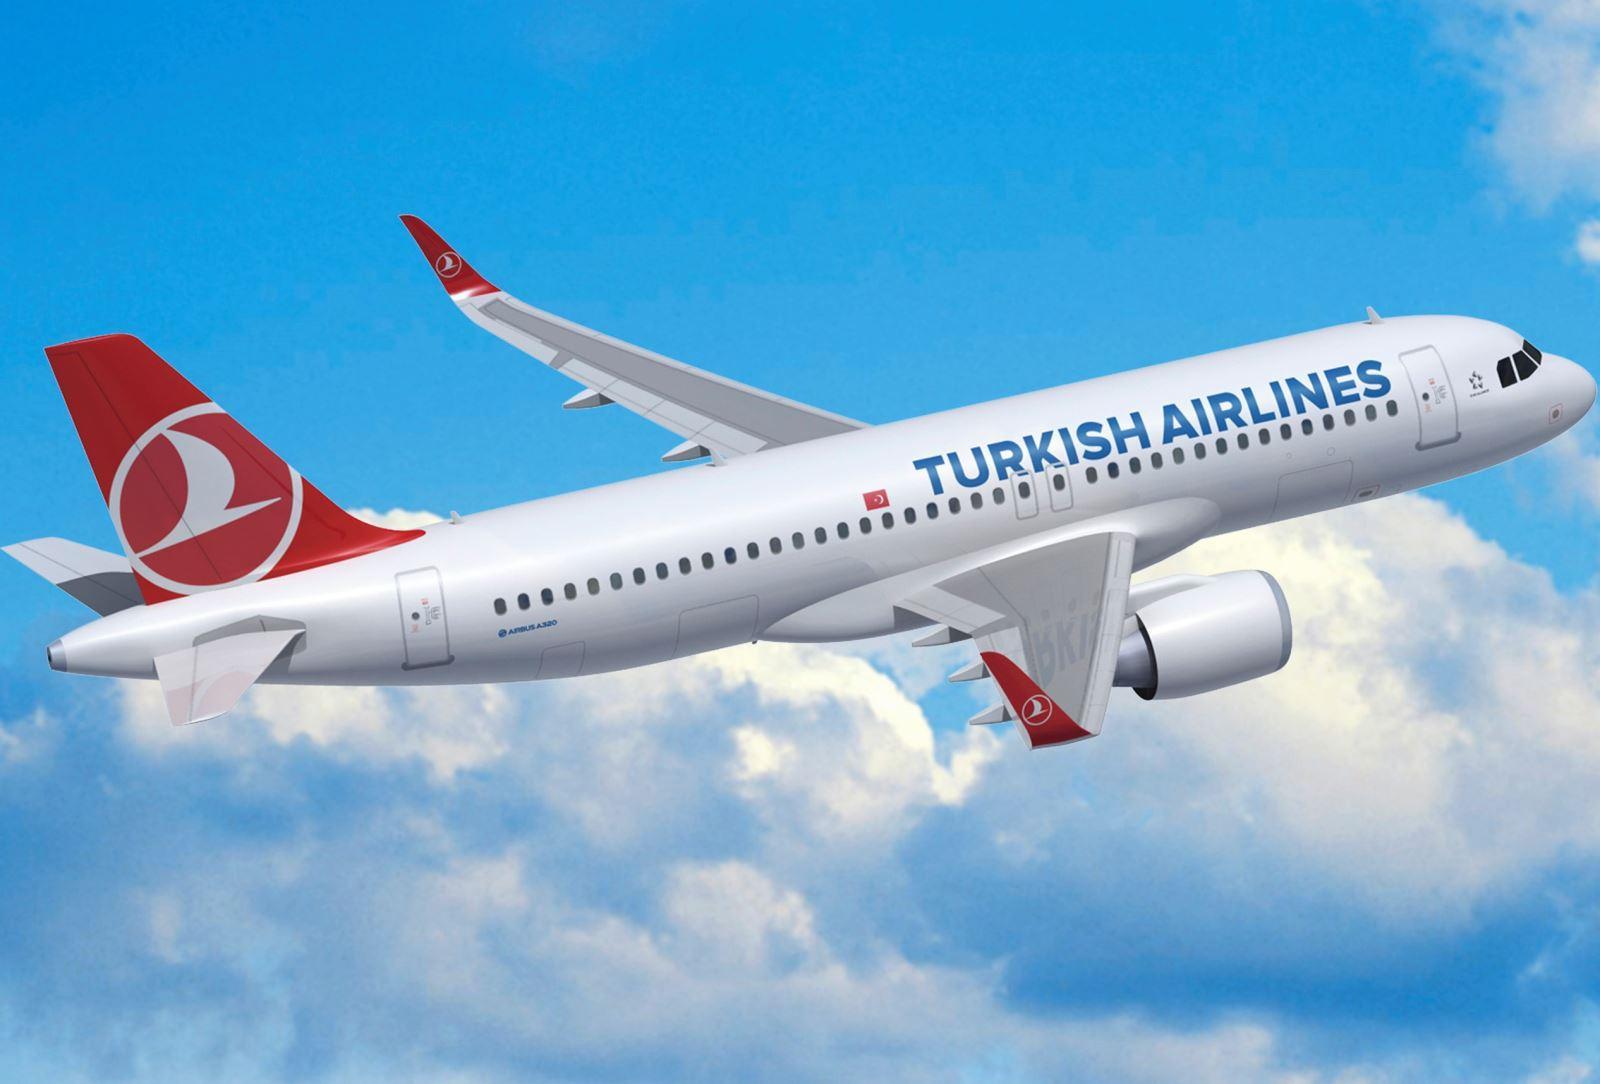 Турецкие авиалинии прекращают полеты из аэропорта Ататюрка